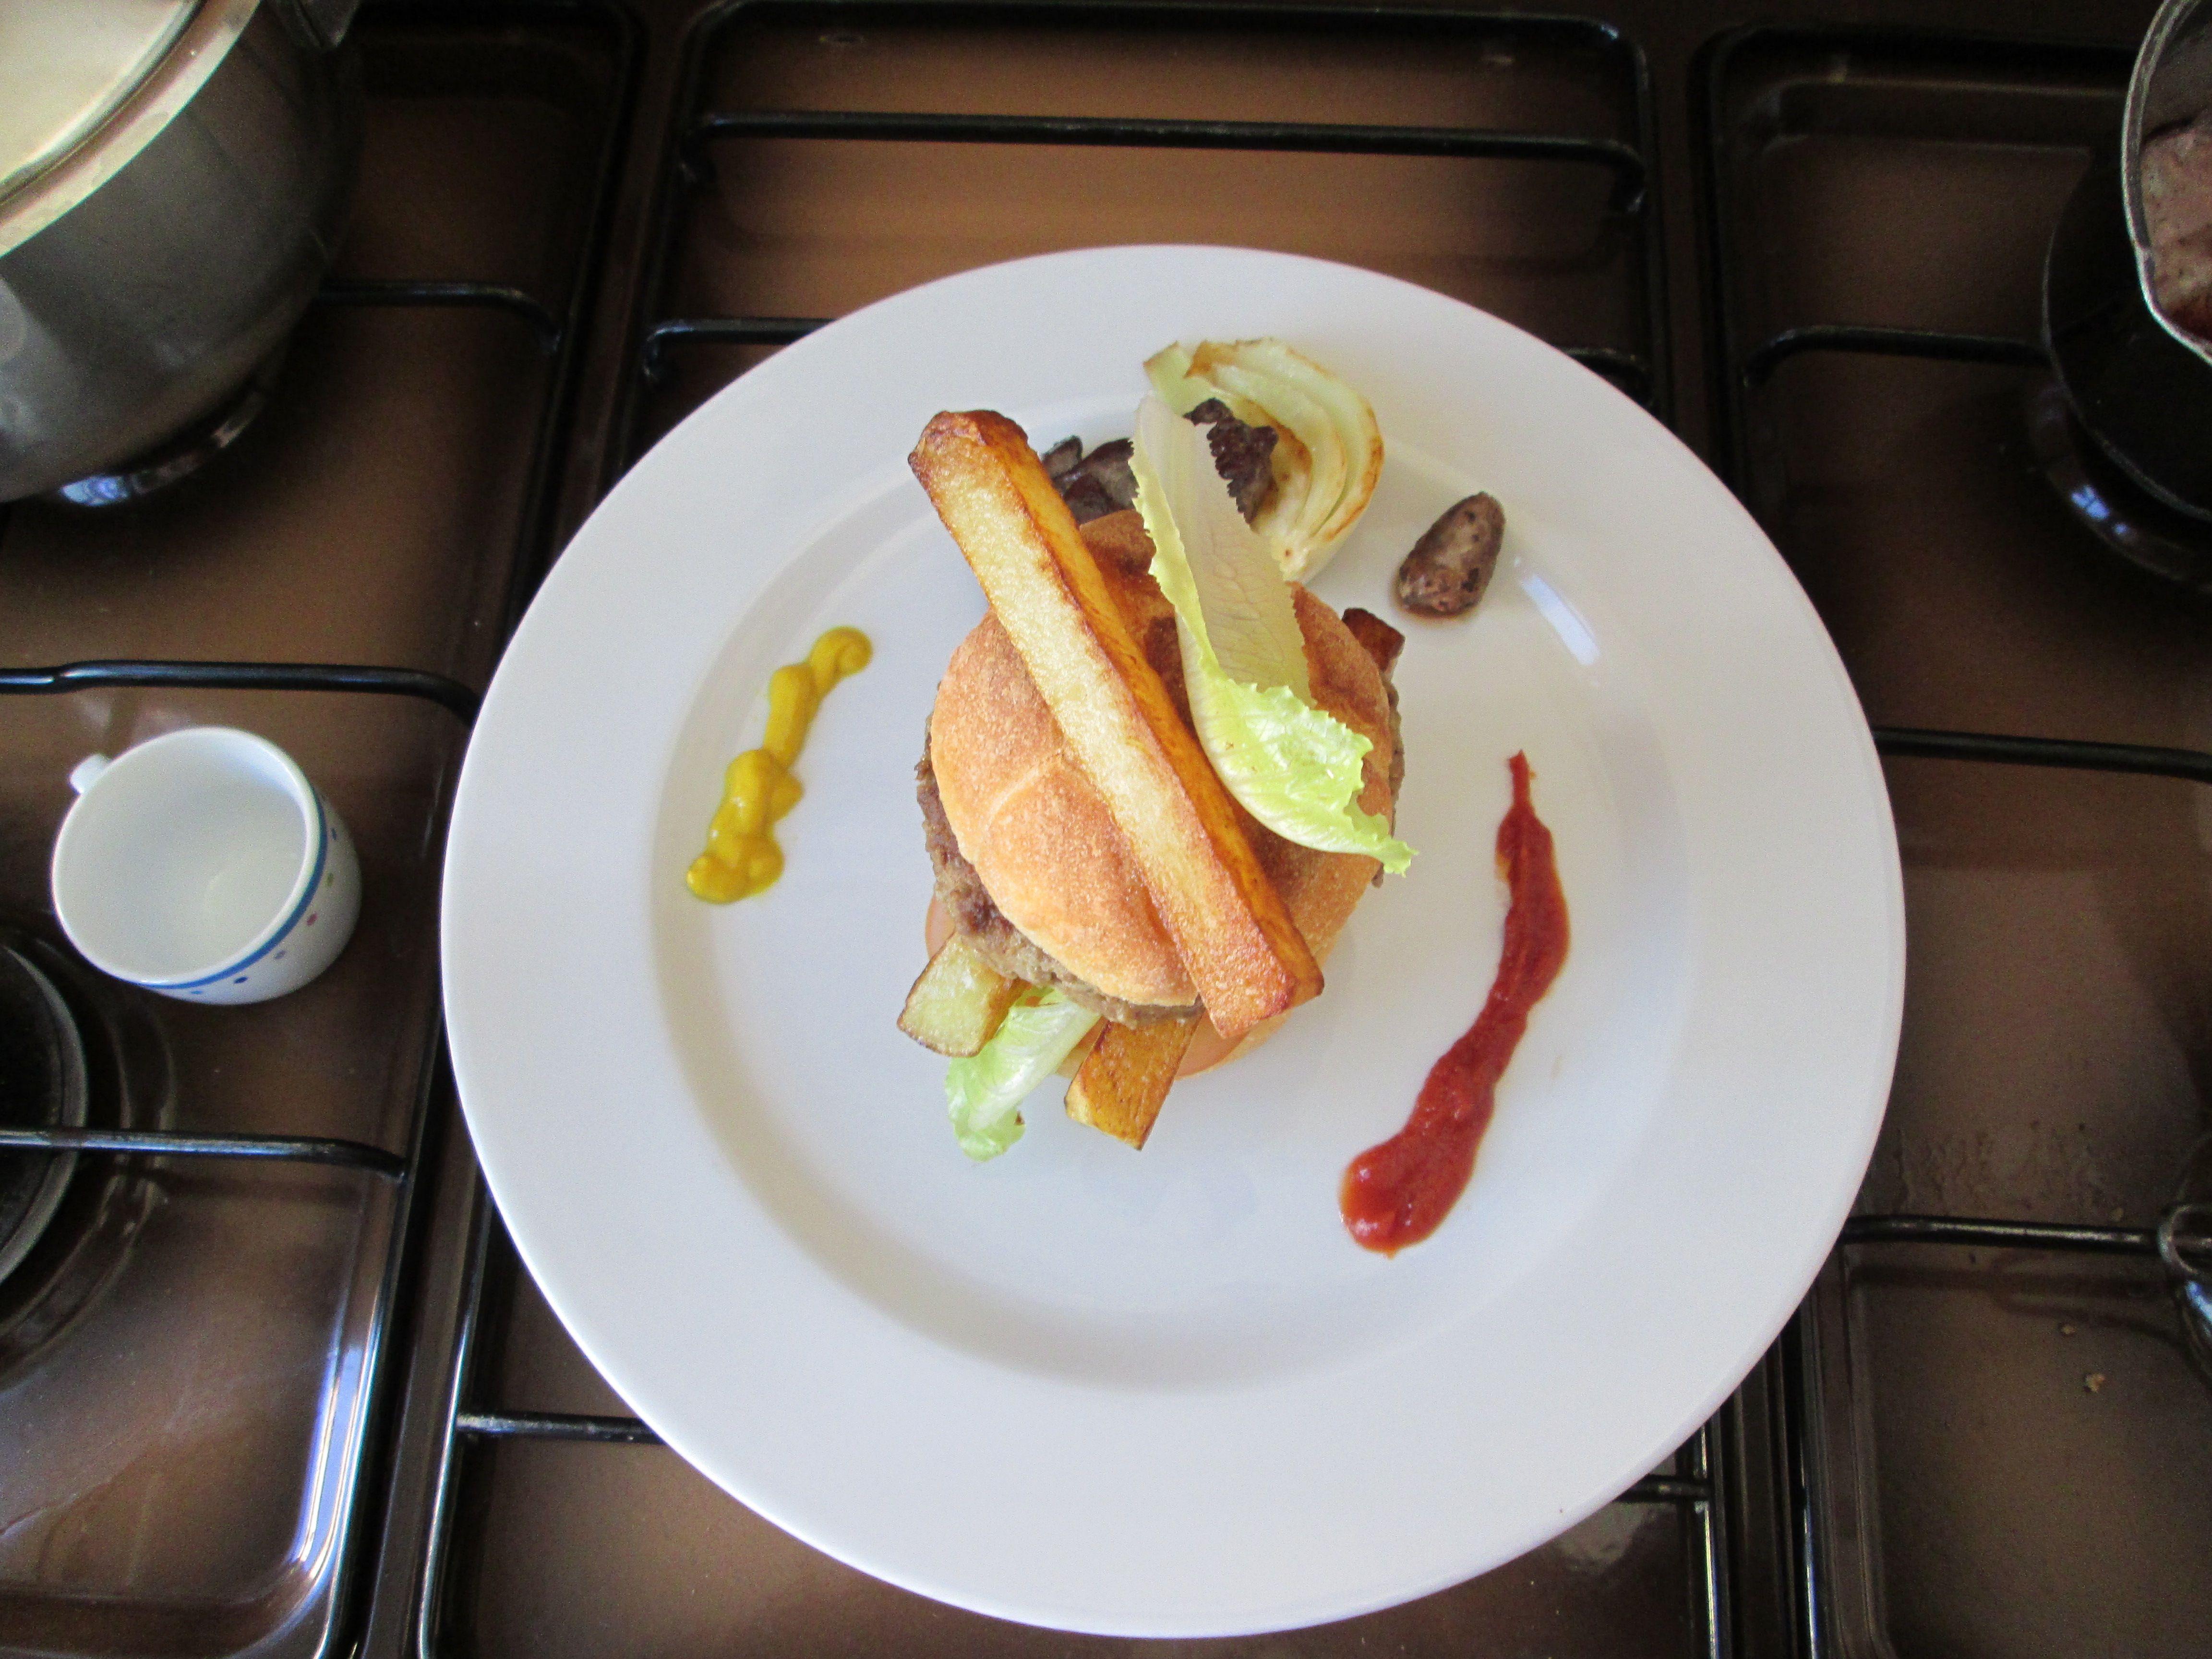 à Hamburger de  boeuf et le  foie de poulet  avec fenouil braisè   /Gino D'Aquino